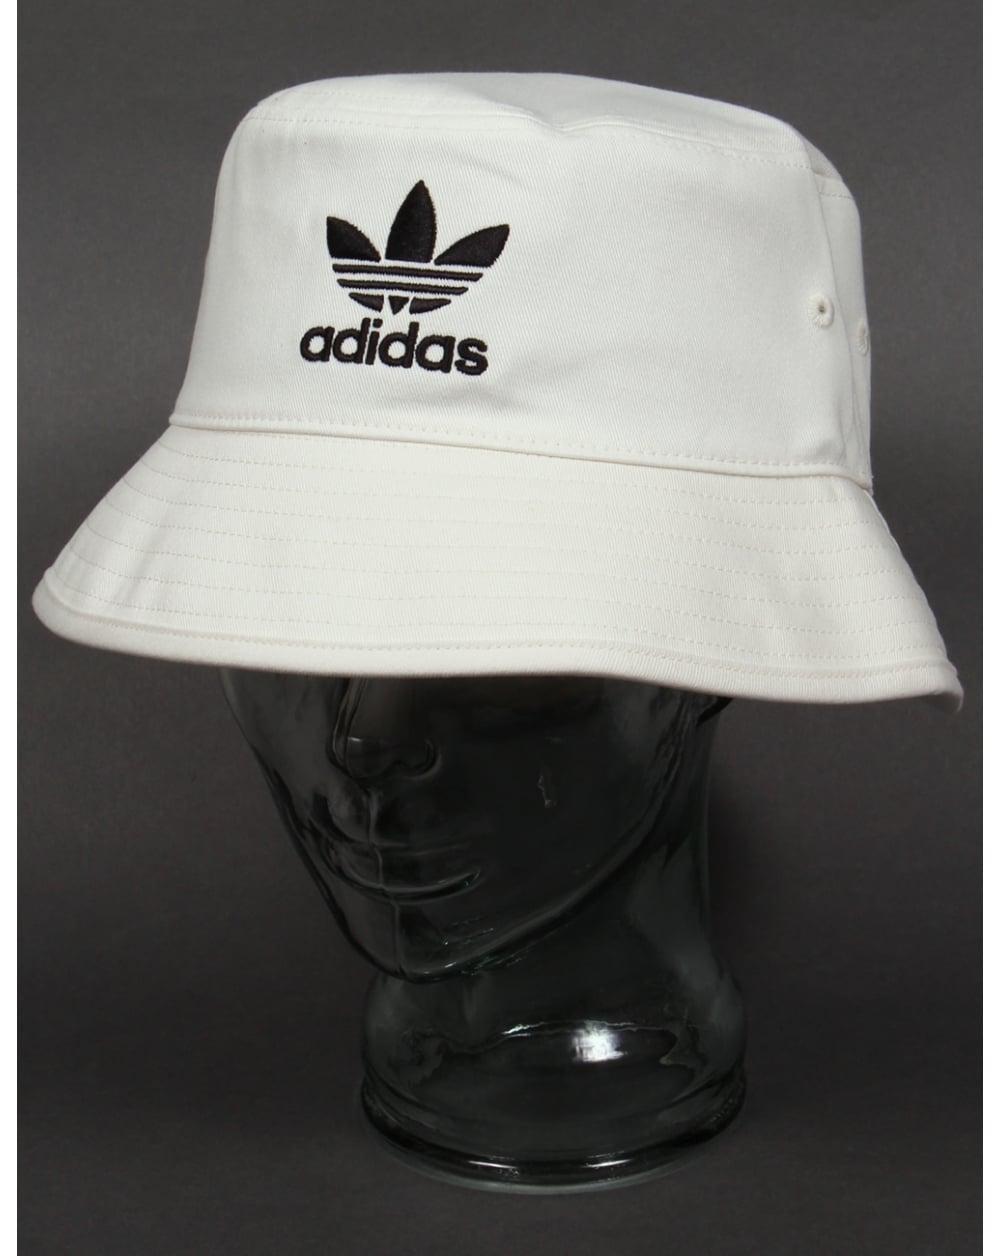 Adidas Originals Bucket Hat With Trefoil White Black